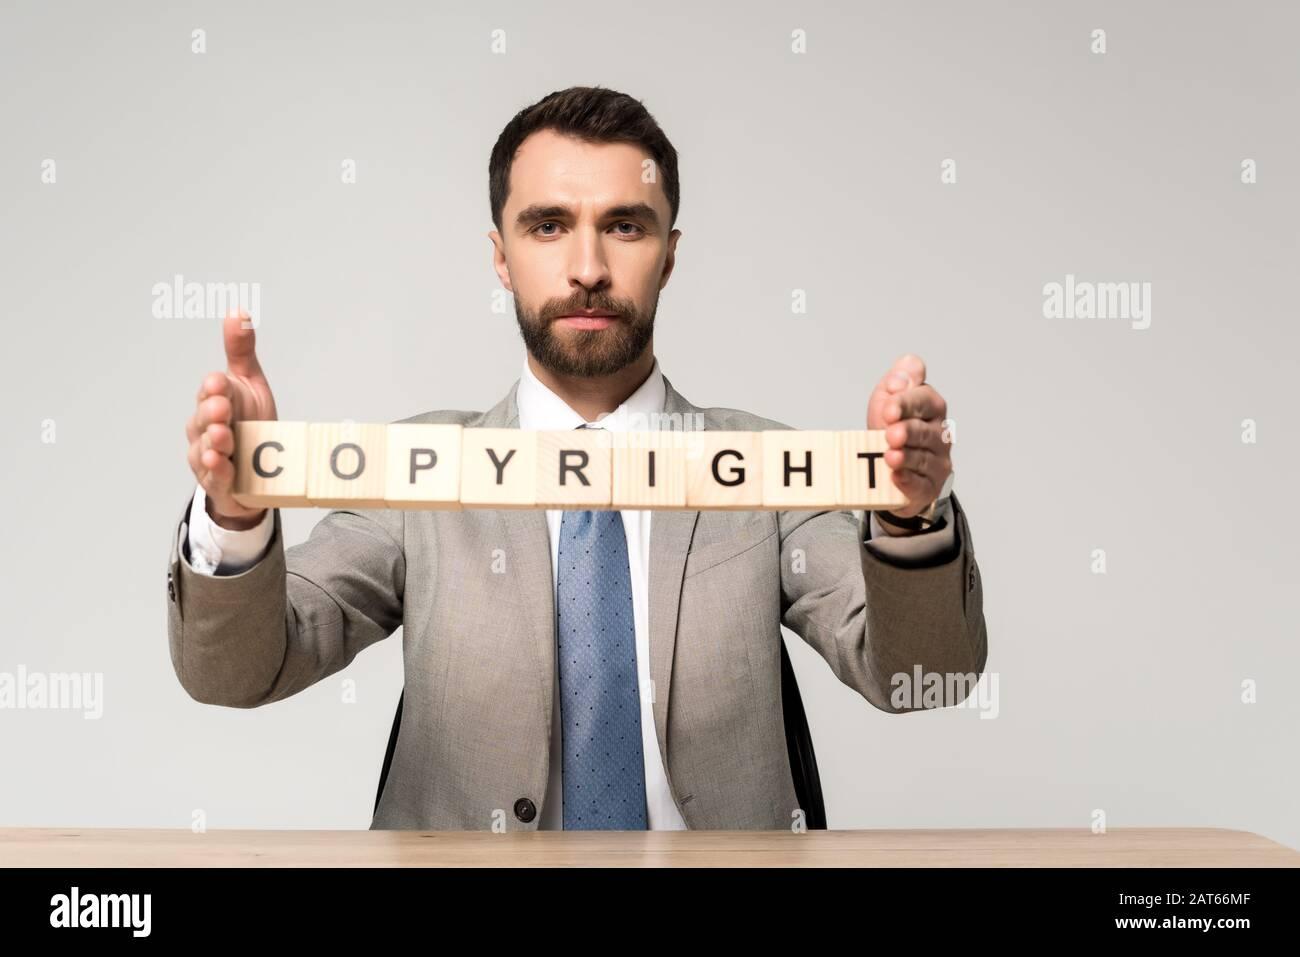 empresario confiado que sostiene cubos de madera con letras de copyright aisladas en gris Foto de stock